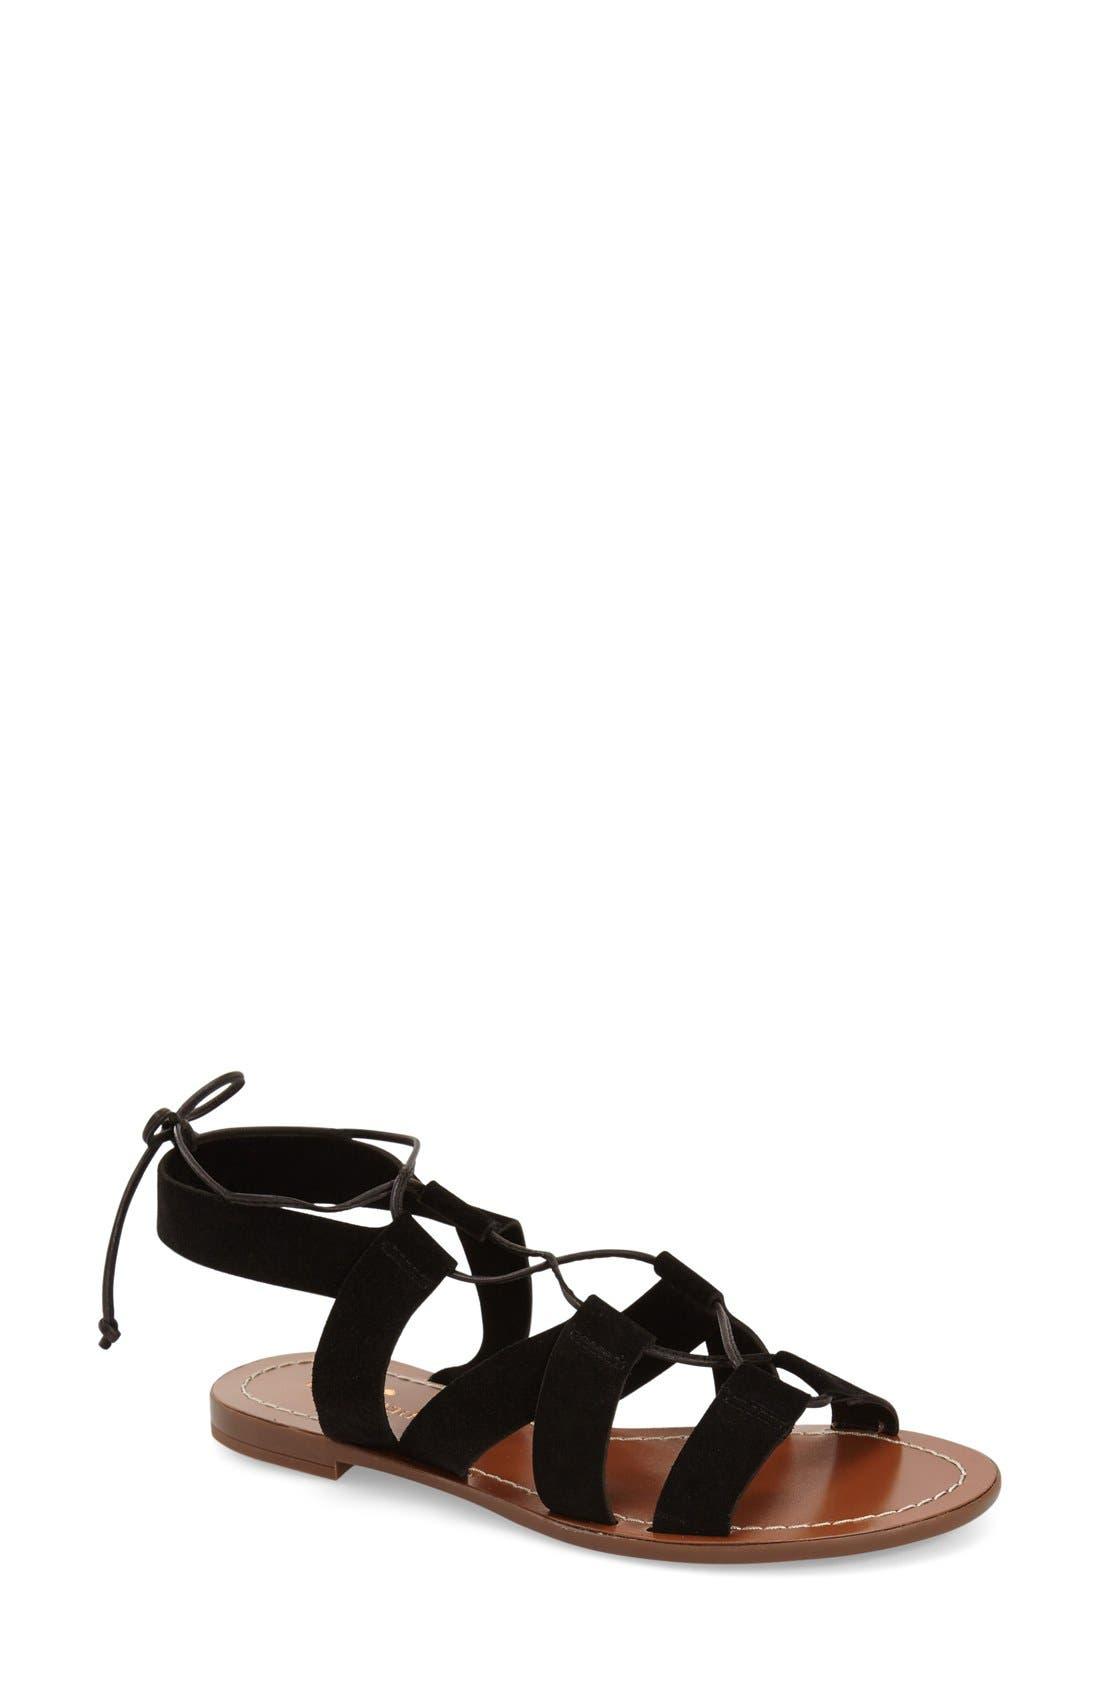 Alternate Image 1 Selected - kate spade new york 'suno' sandal (Women)